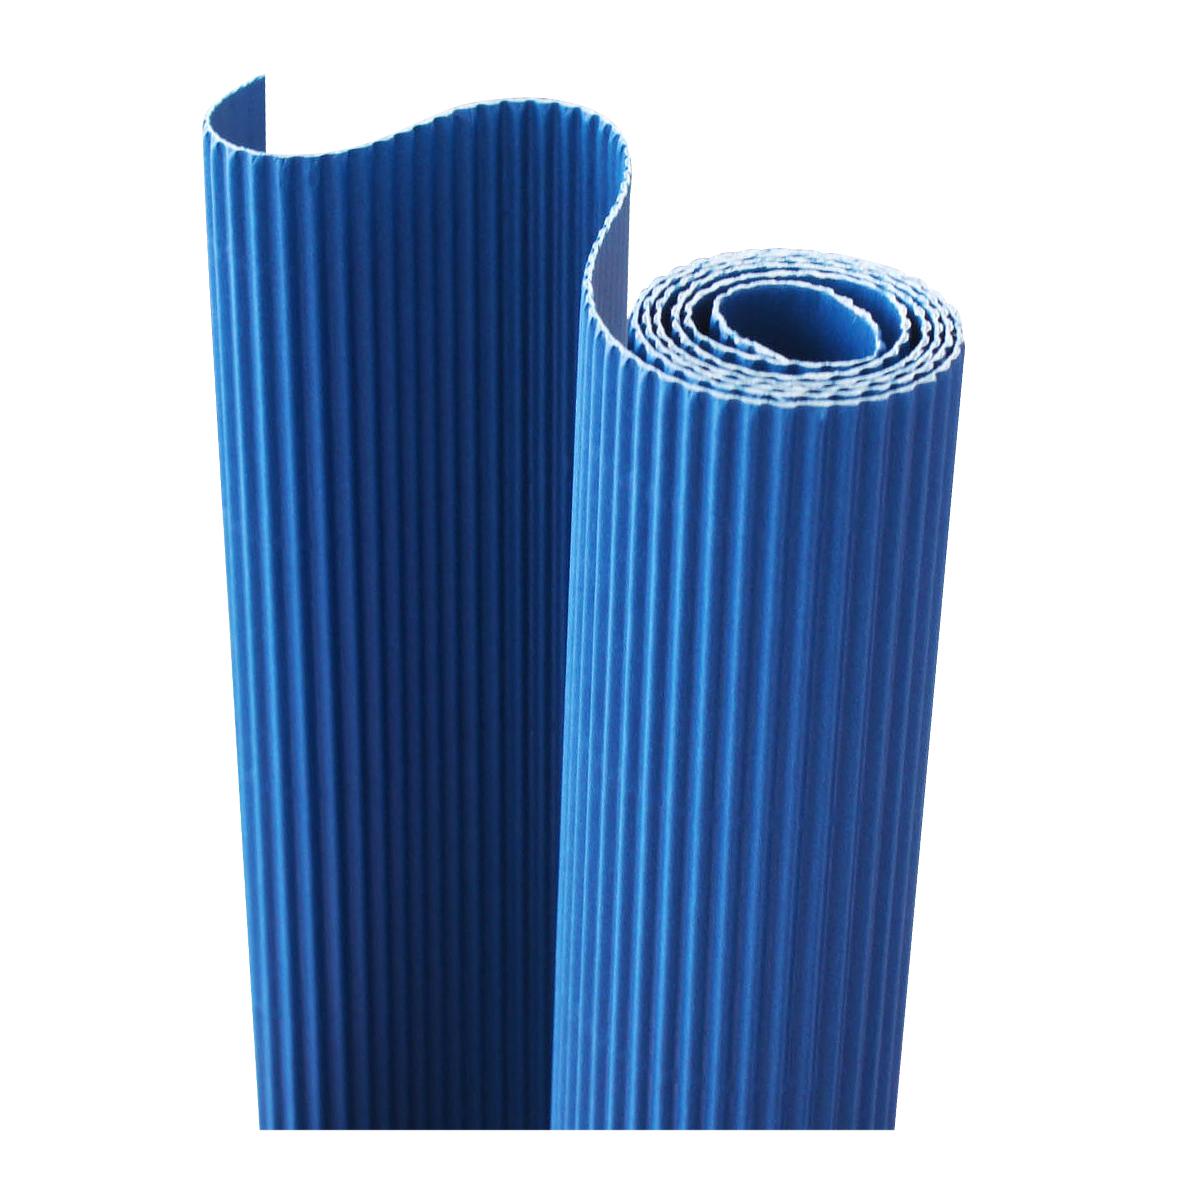 Картон гофрированный Folia, цвет: синий, 50 х 70 см72523WDДвухслойный гофрированный картон Folia в основном применяется для декорирования. Он состоит из одного слоя плоского картона и слоя бумаги, имеющую волнообразную (гофрированную) форму. Отличается малым весом и высокими физическими параметрами.Применение: для дизайнерских и оформительских работ, для декоративного детского творчества. Также такой материал хорошо зарекомендовал себя в качестве упаковочного материала.